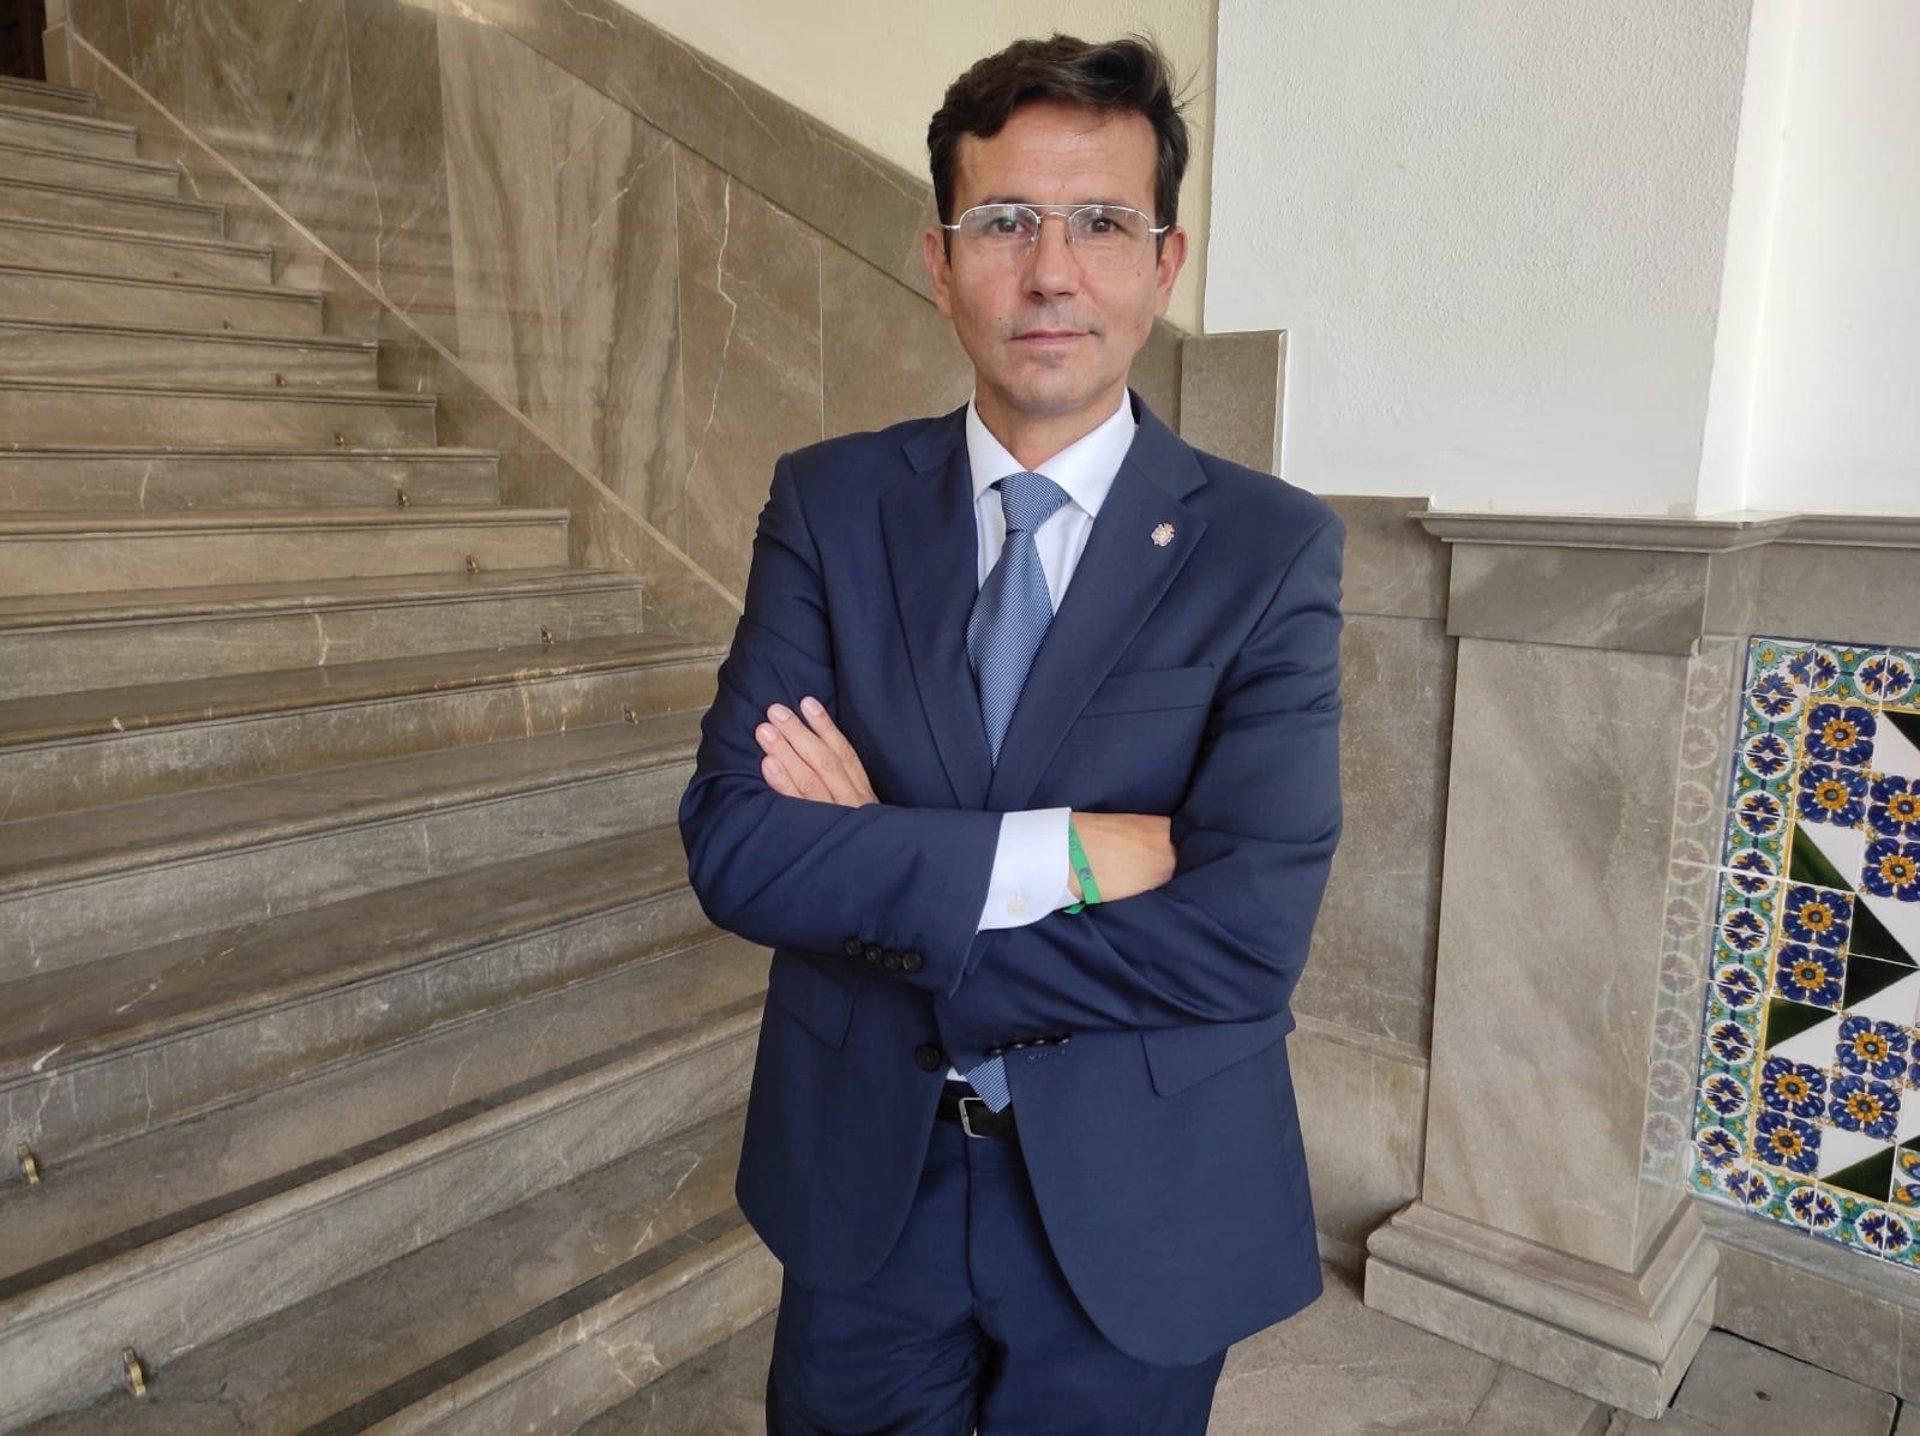 Cuenca pide al Gobierno medidas para mejorar las conexiones por tren y avión de la capital